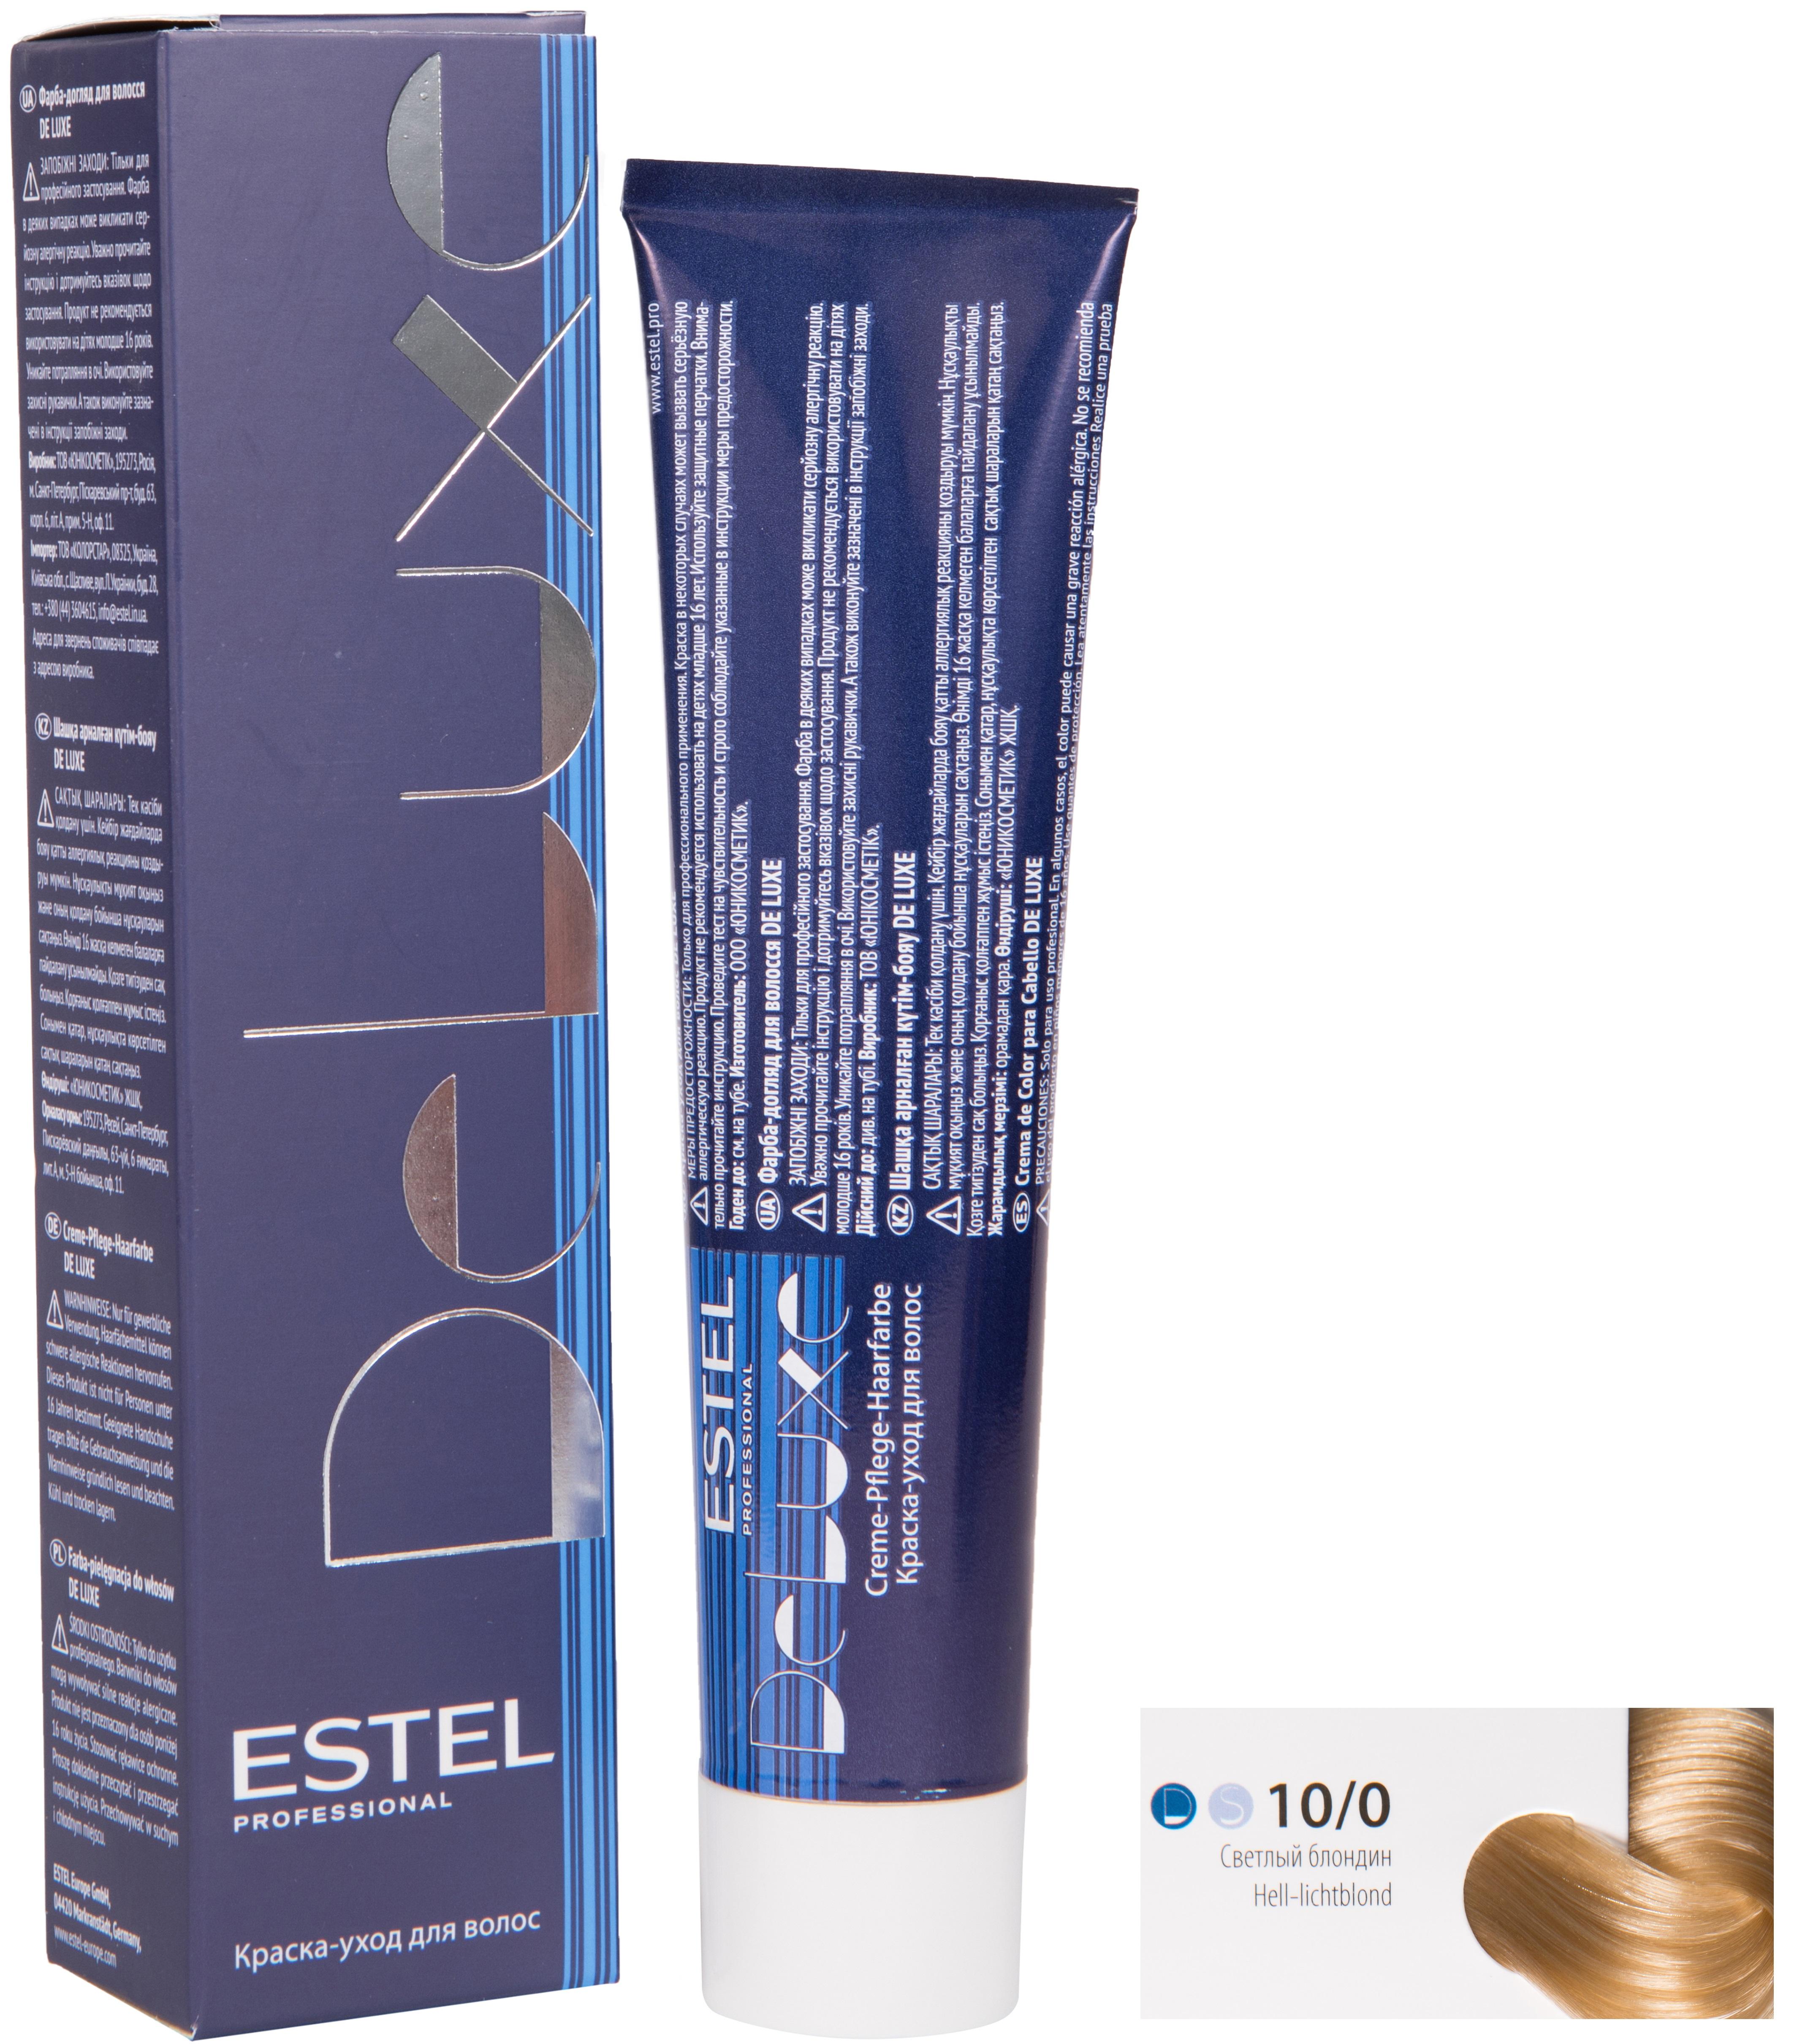 цена на Краска для волос ESTEL PROFESSIONAL 10/0 DE LUXE краска-уход для окрашивания волос, светлый блондин 60 мл